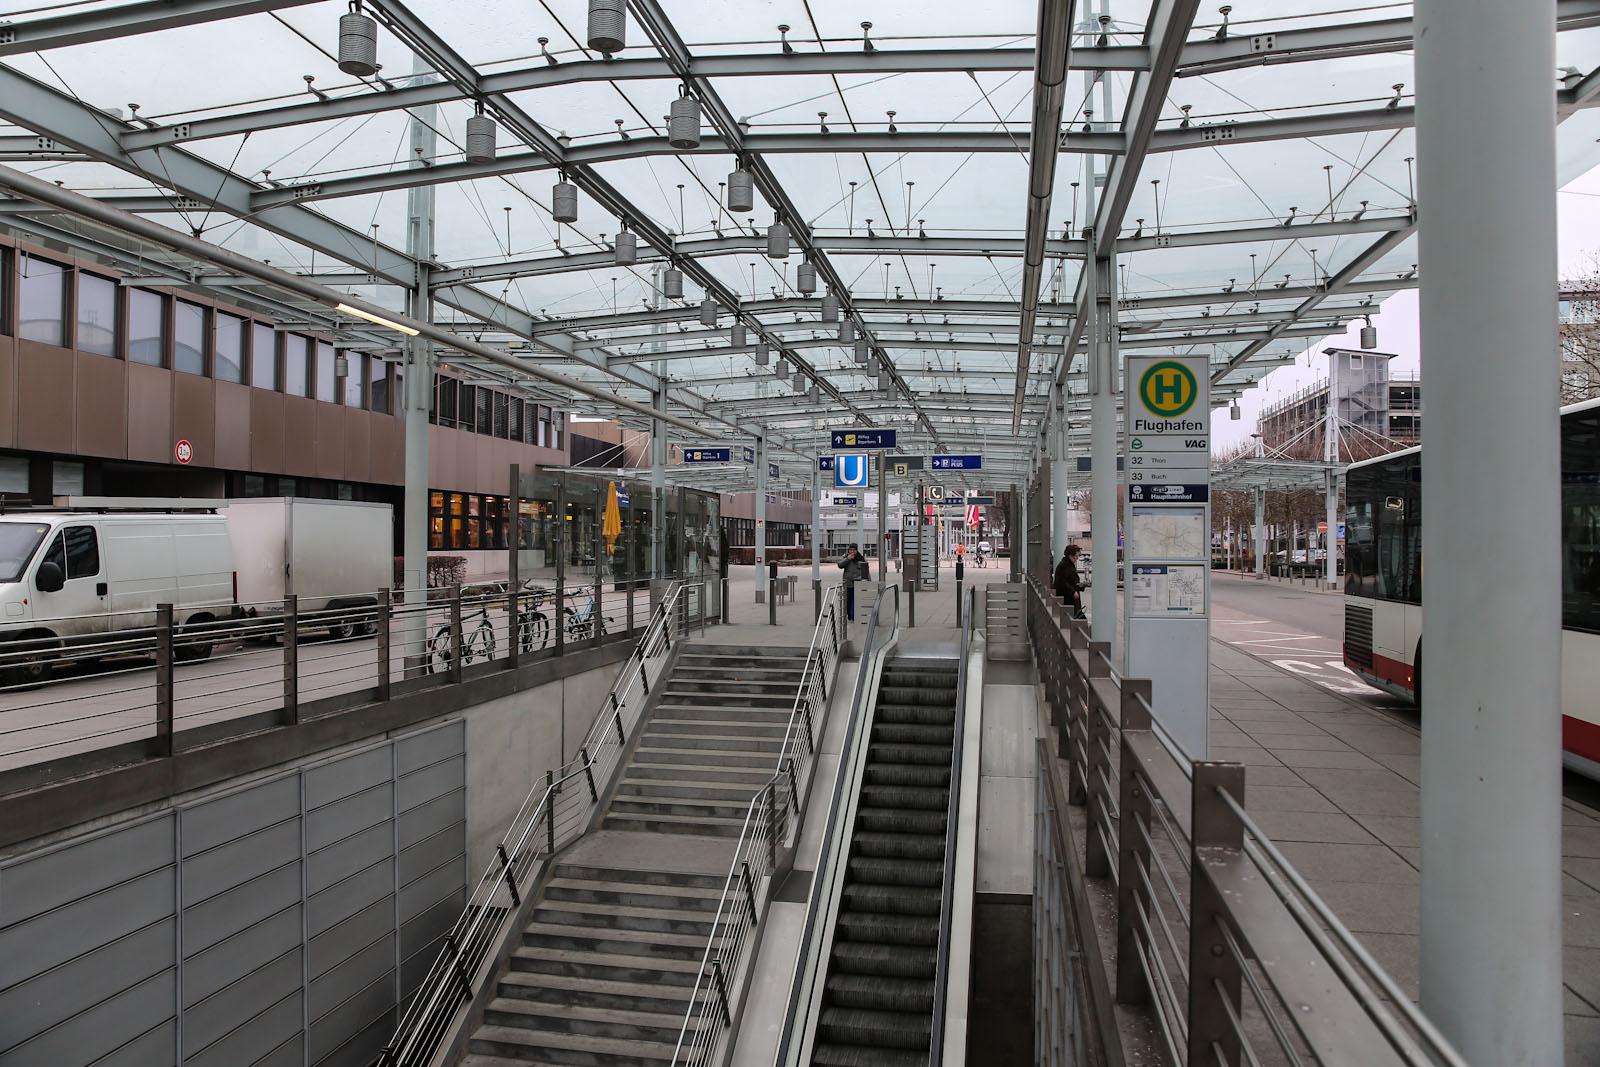 Вход на станцию метро в аэропорту Нюрнберг